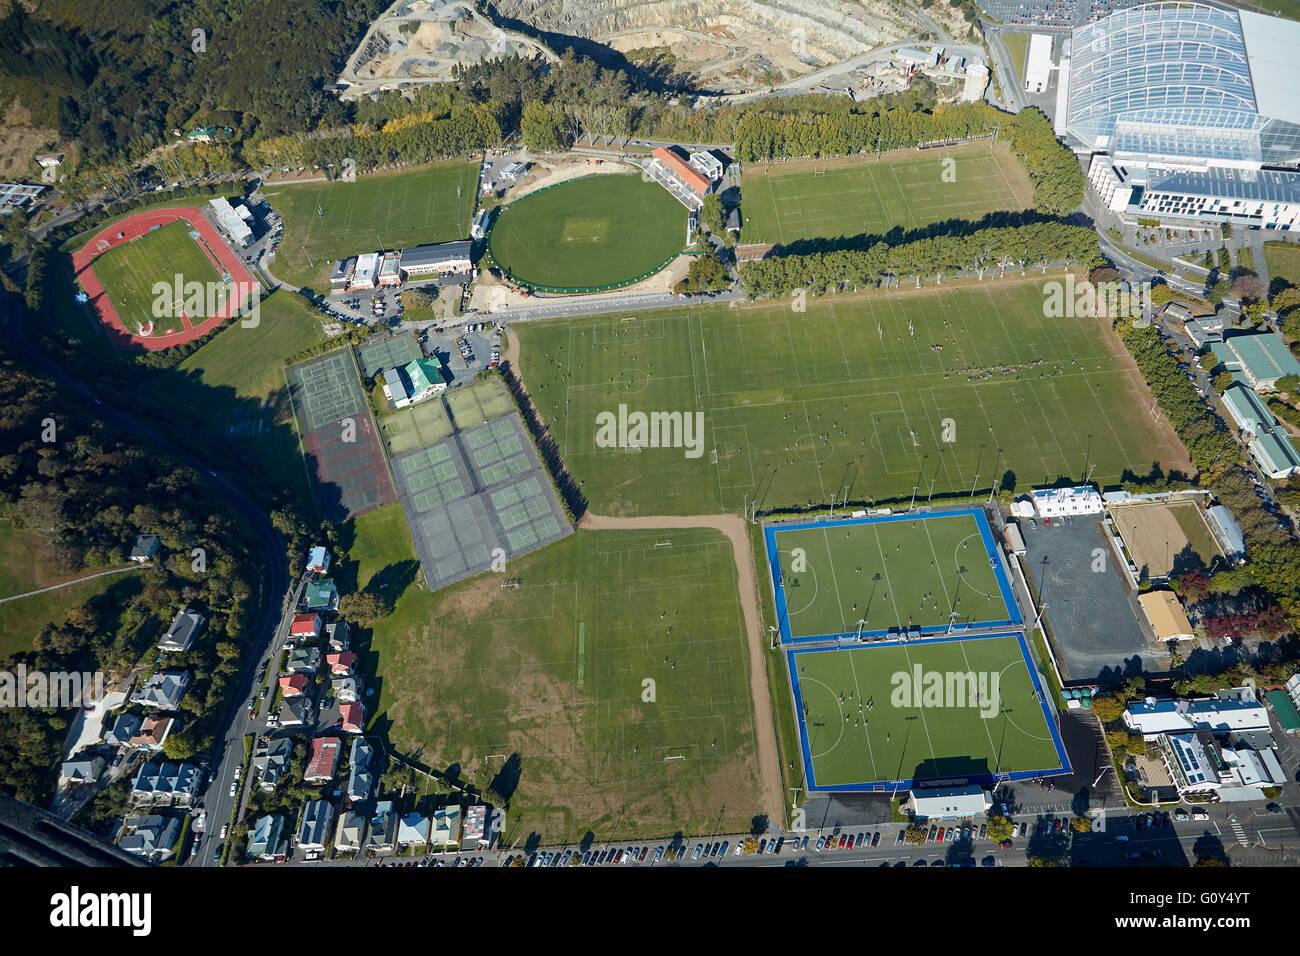 Des terrains de sport à Logan, parc et Forsyth Barr Stadium, Dunedin, île du Sud, Nouvelle-Zélande Photo Stock